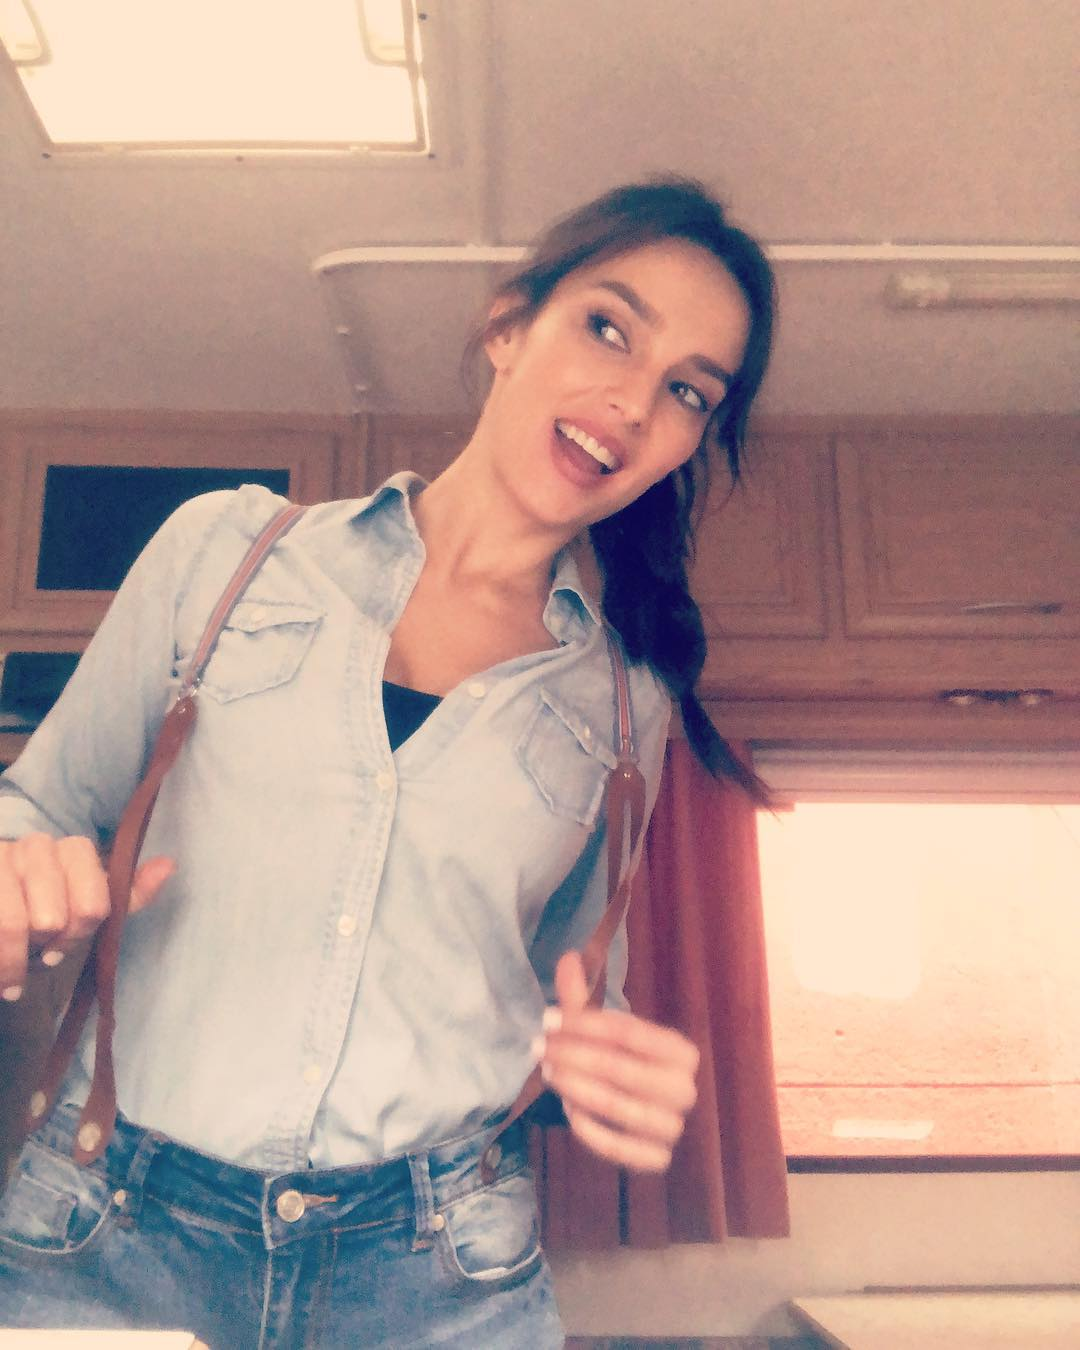 Юлия Зимина: Веселый коп) #актриса #телеведущая #сериалы #сьемки #юлиязимина